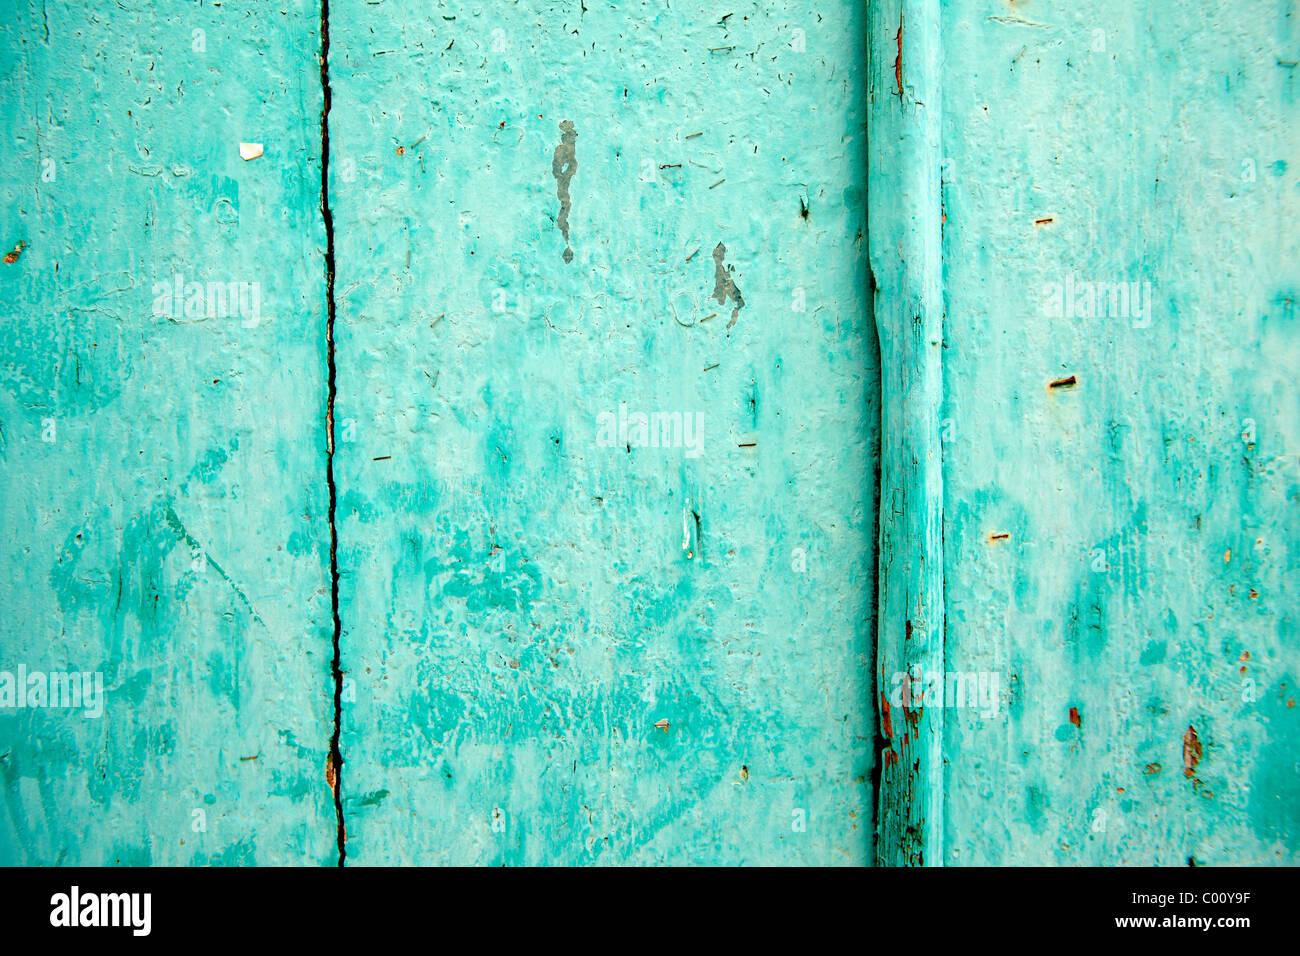 Porte peinte Turquoise Photo Stock